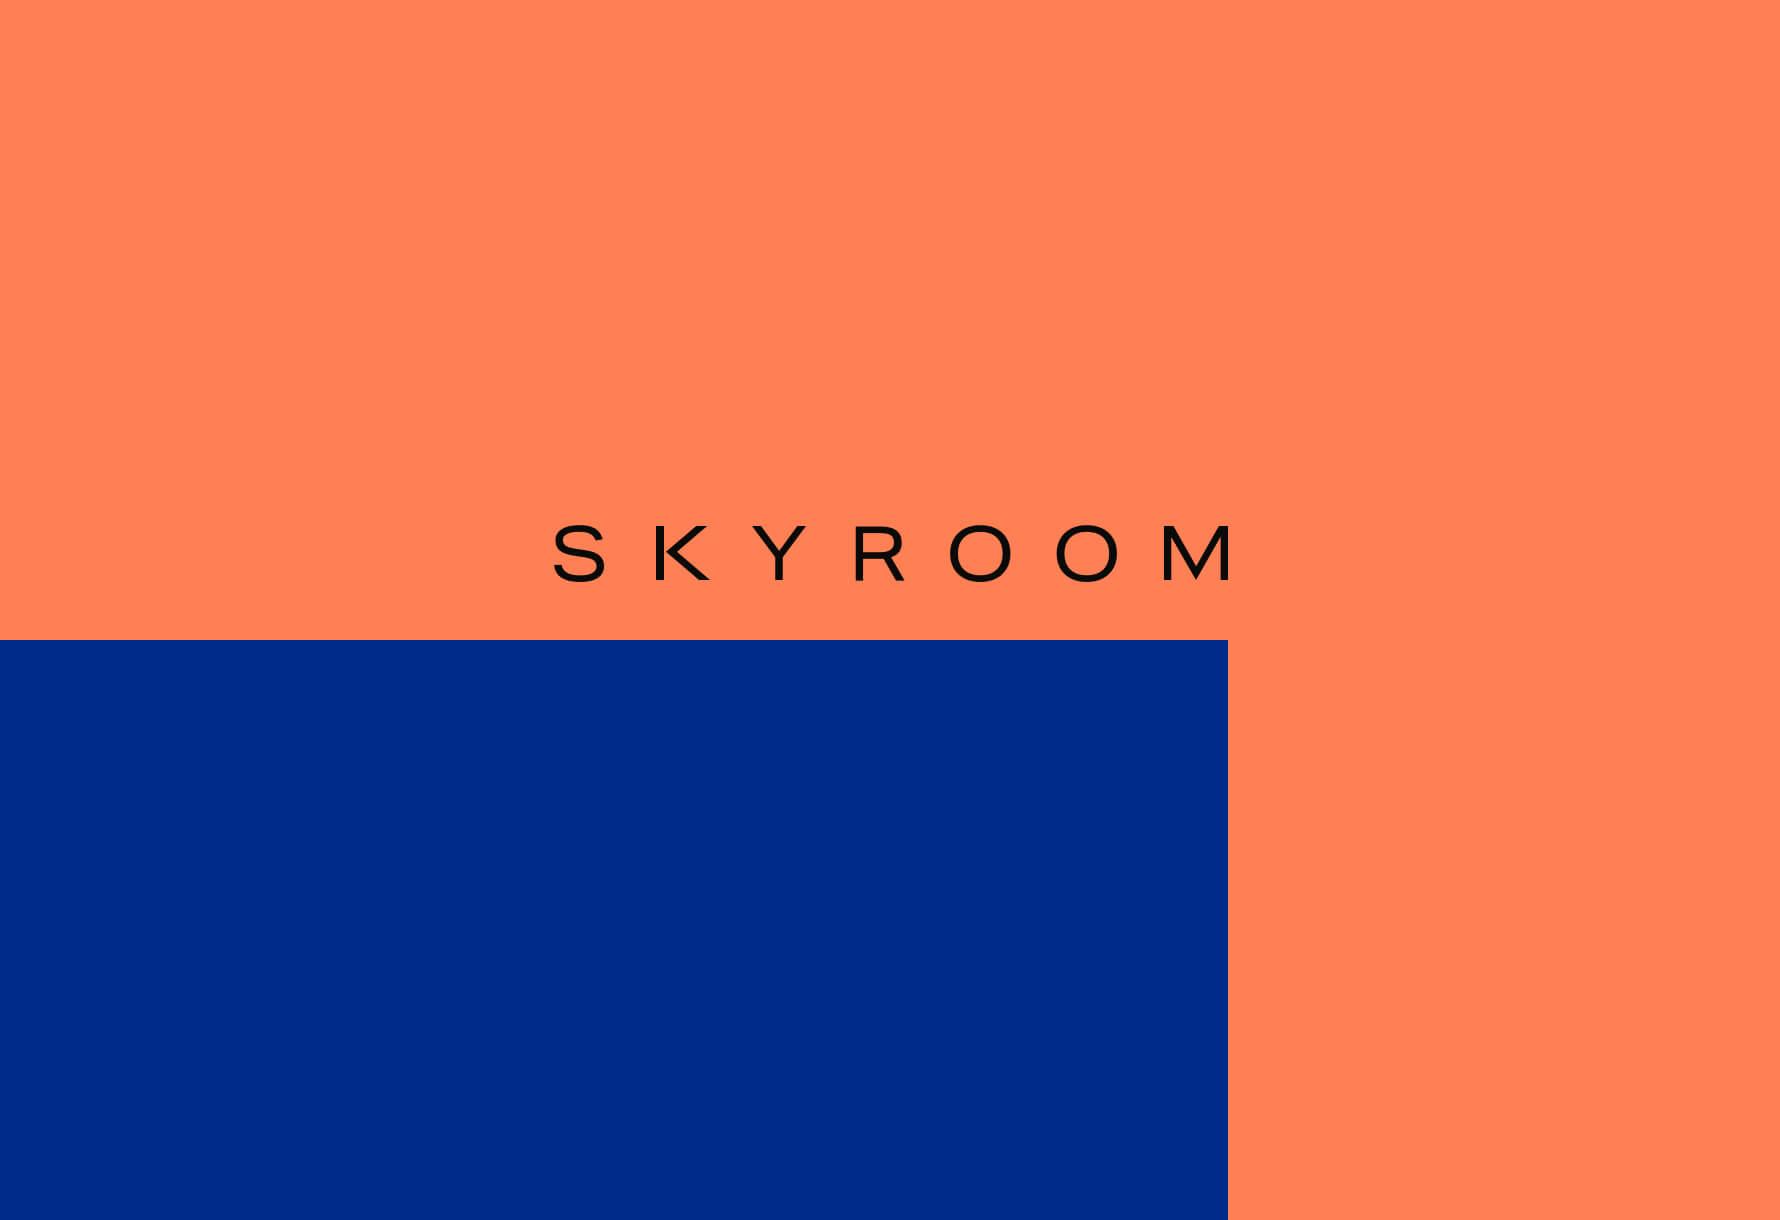 Skyroom